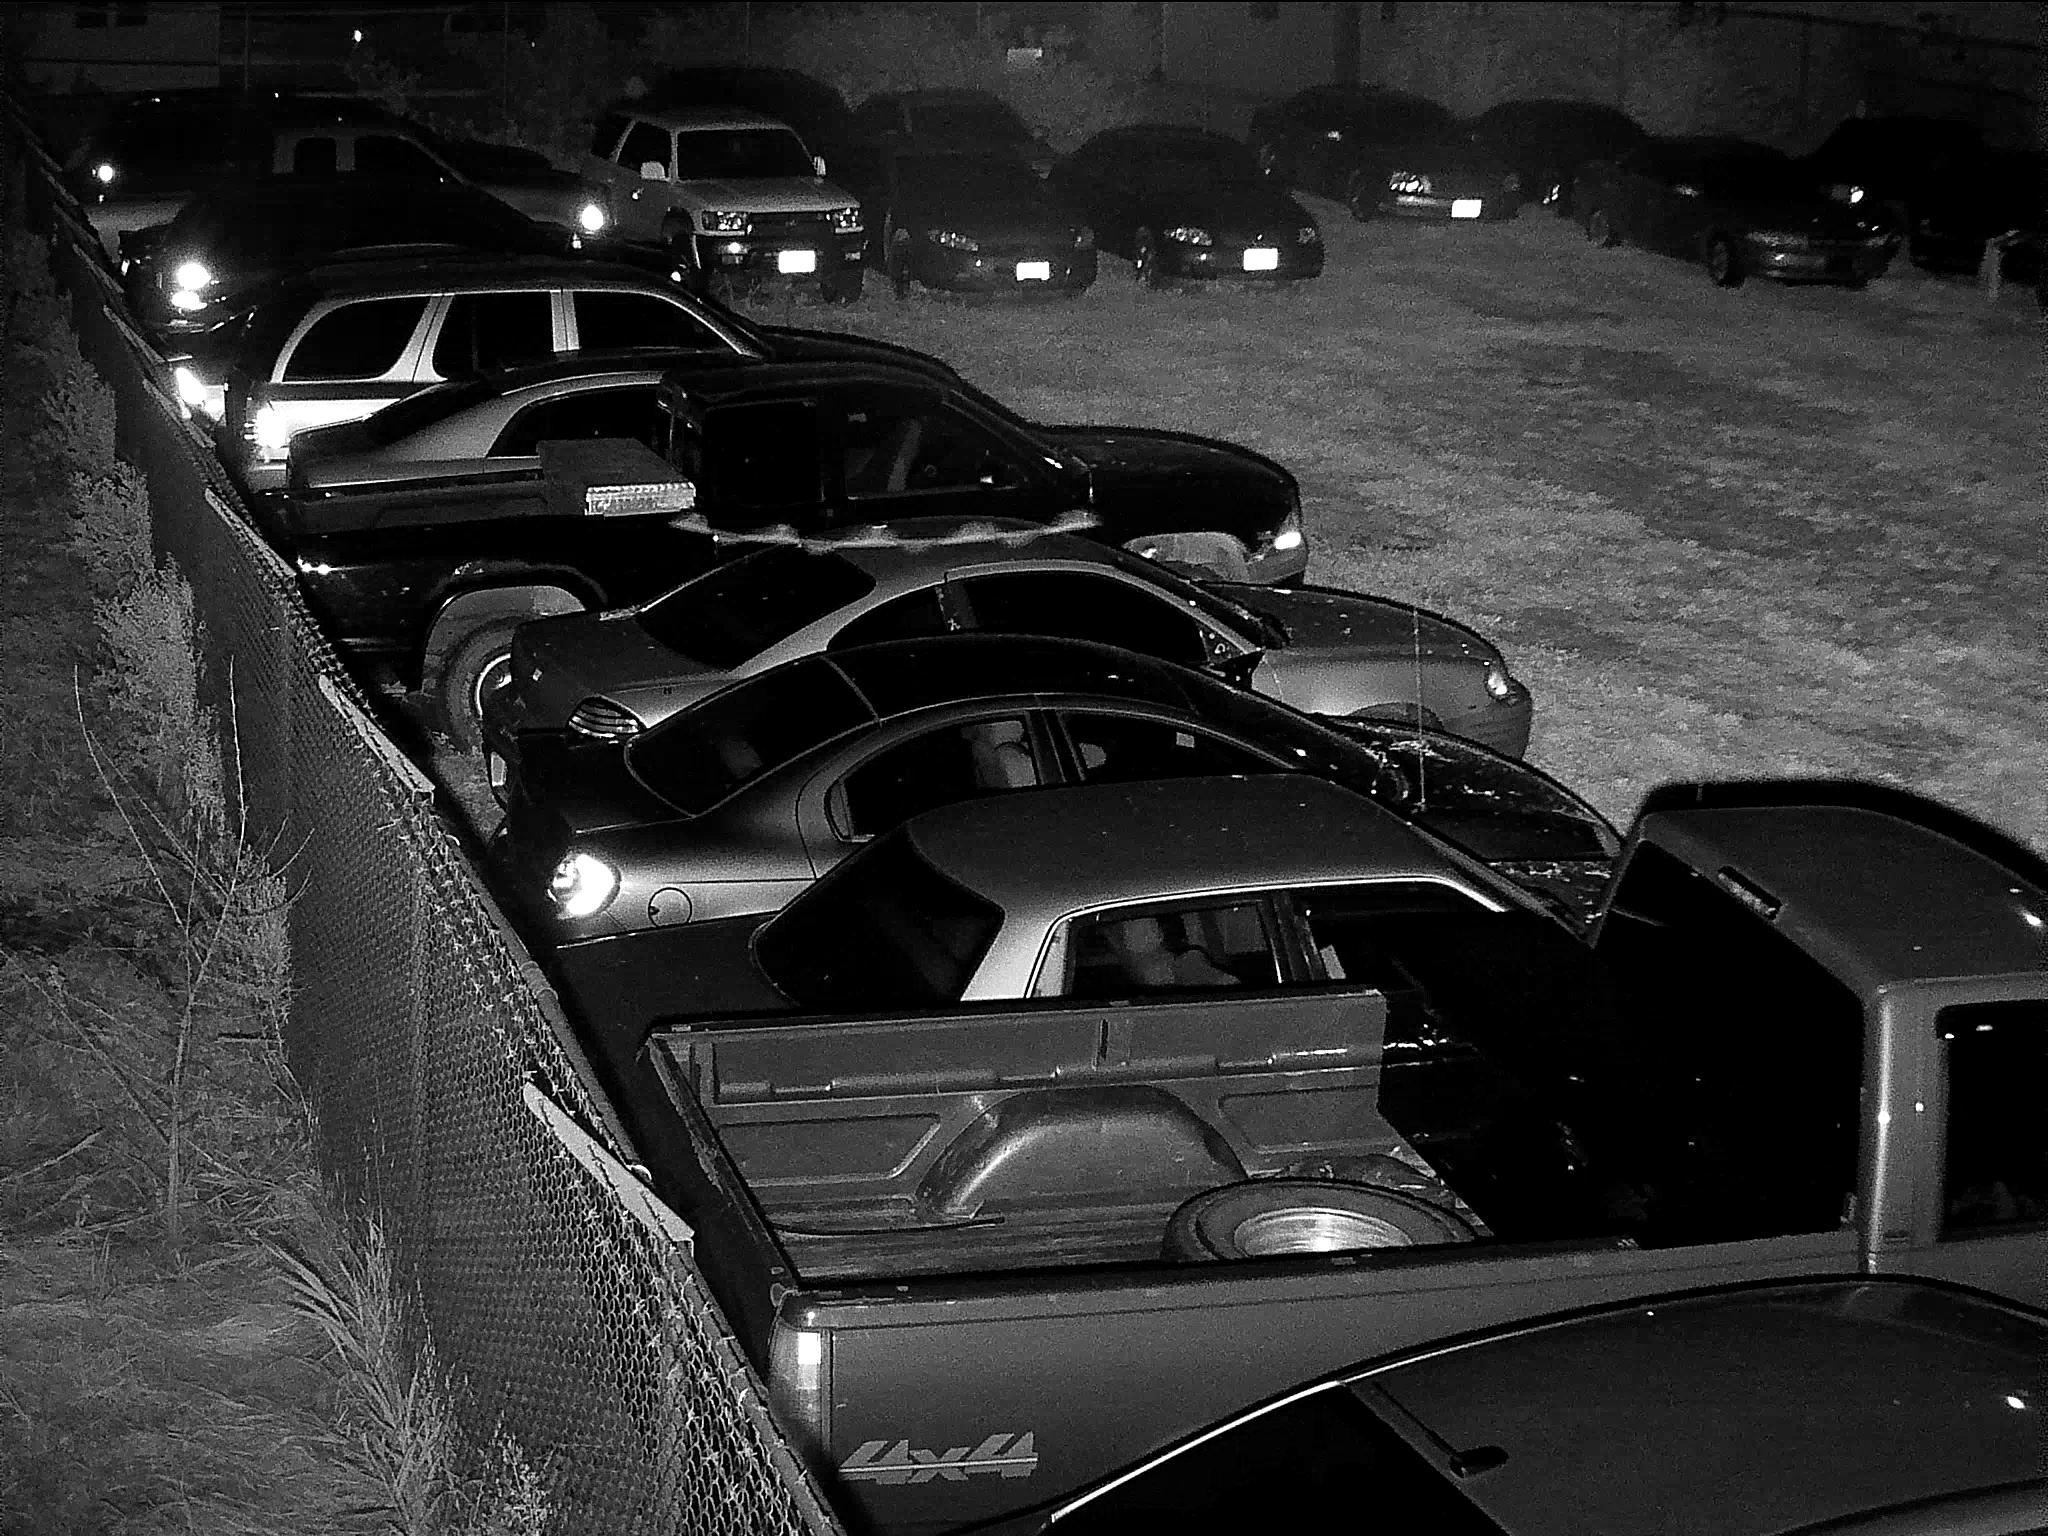 Minnesota police impound lot